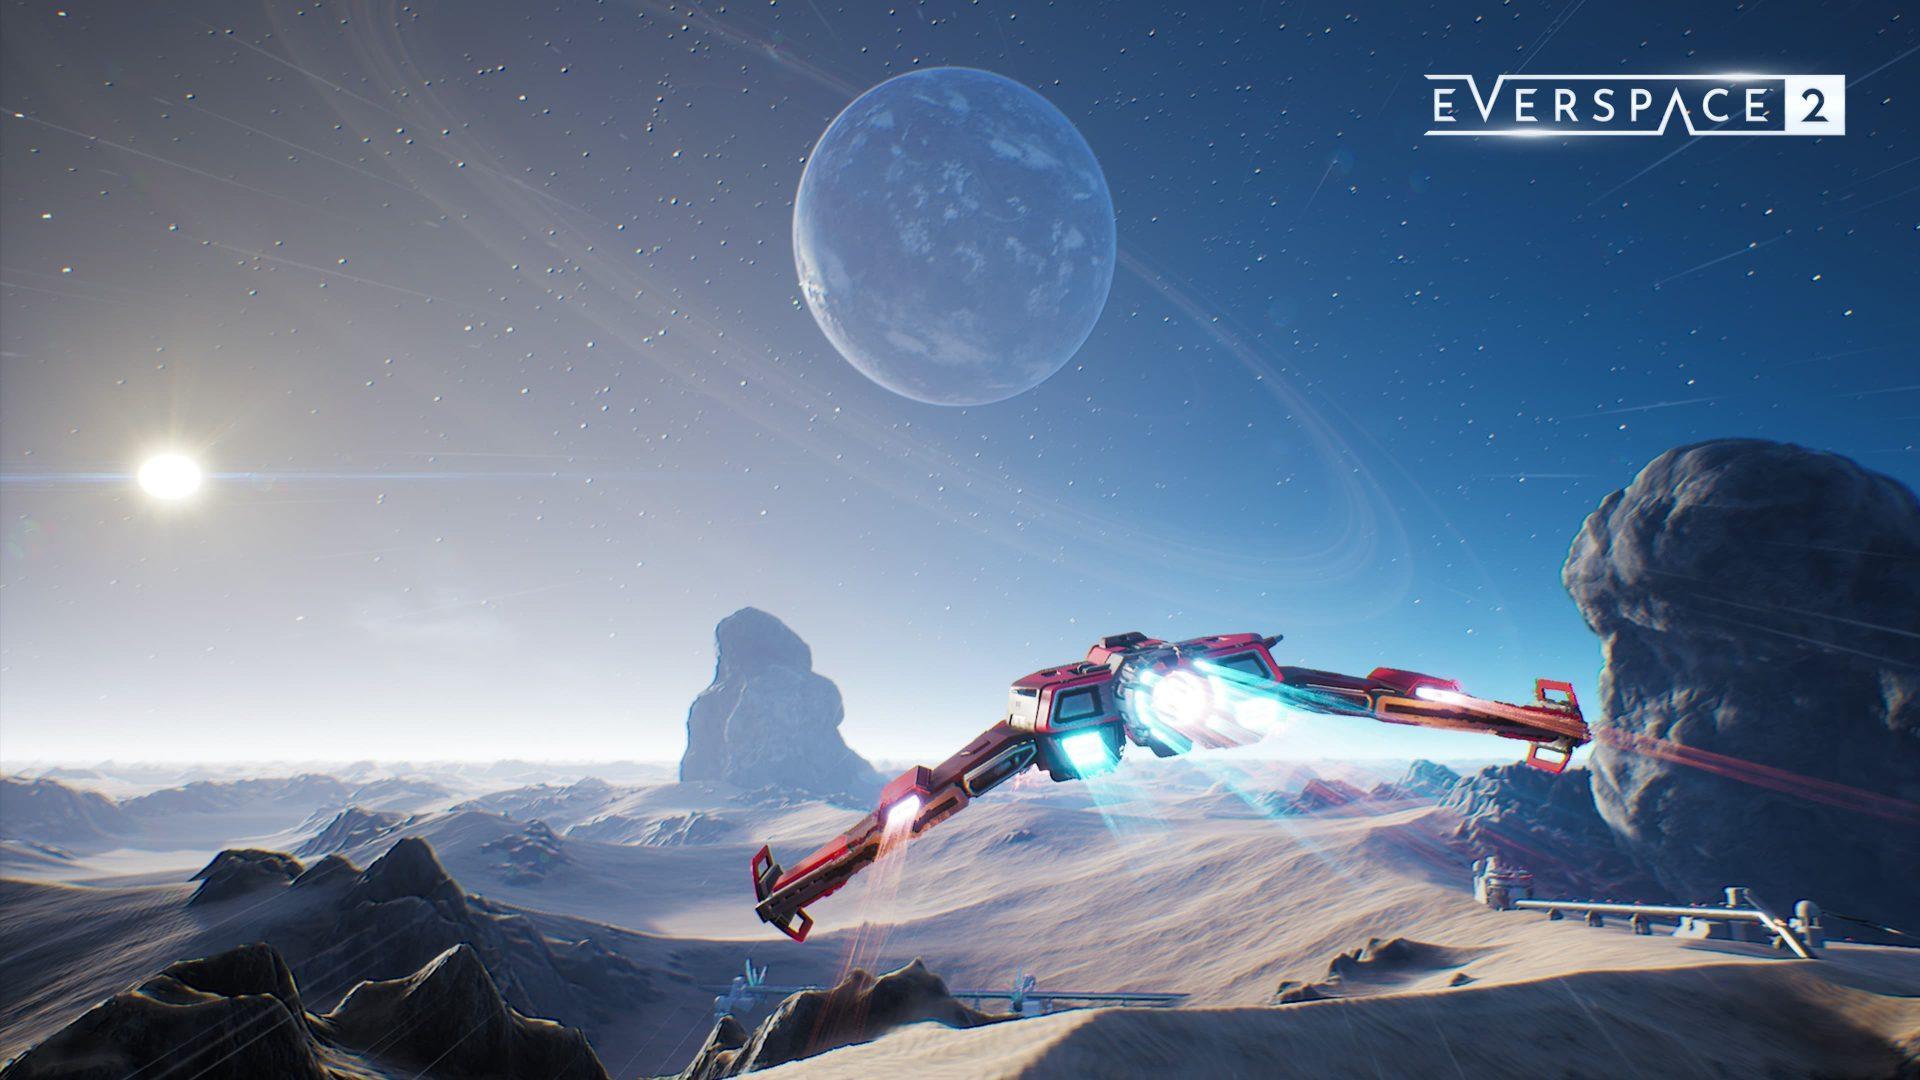 Nouvelle Bande Annonce Everspace 2 Avec Date D'accès Anticipé Sur Steam